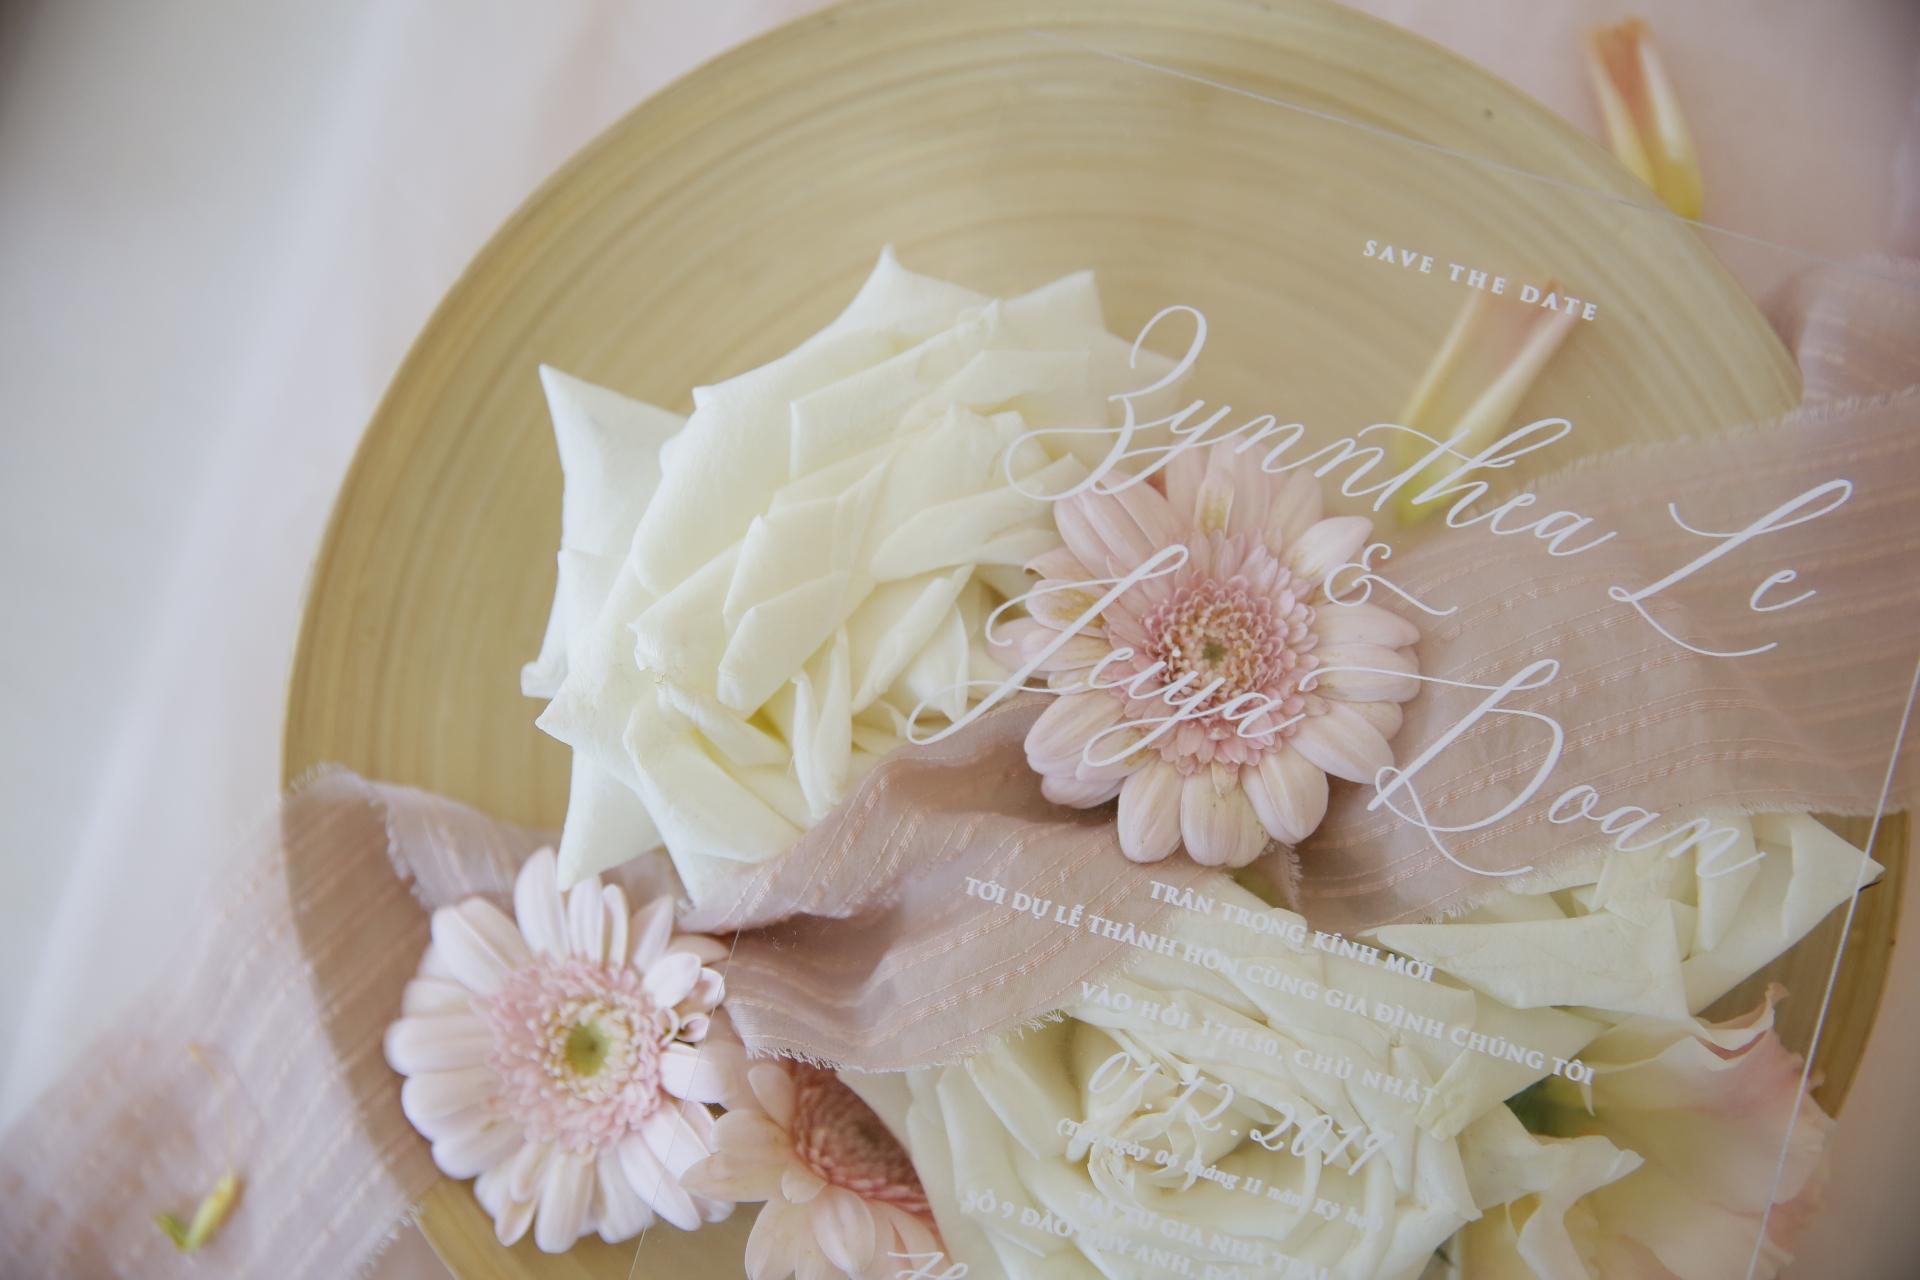 trien lam cuoi almaz mini wedding fair ruc ro mau sac ca nhan trong ngay trong dai